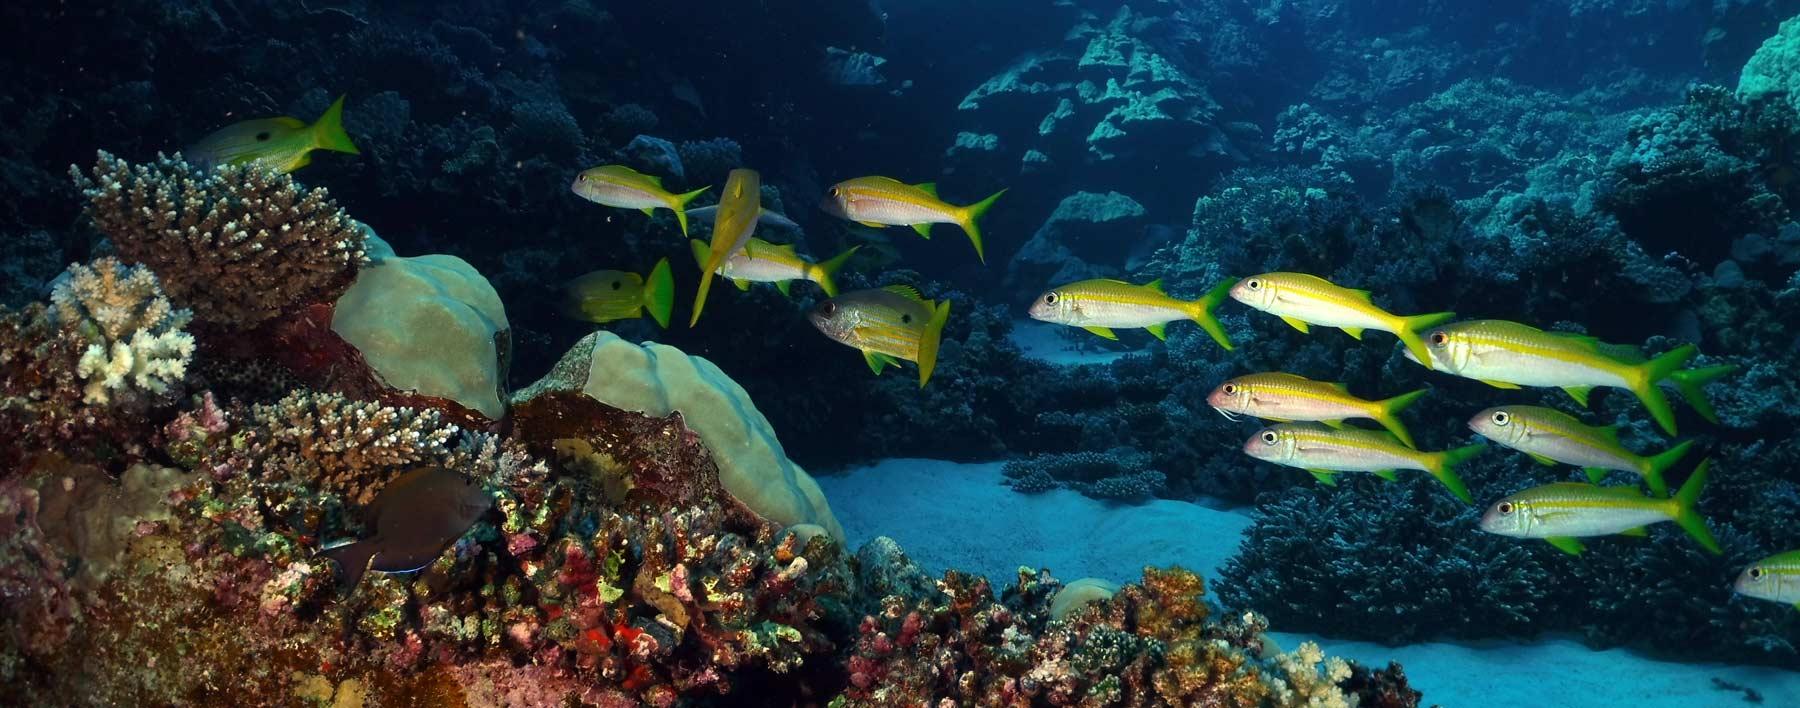 Fische im Korallengarten